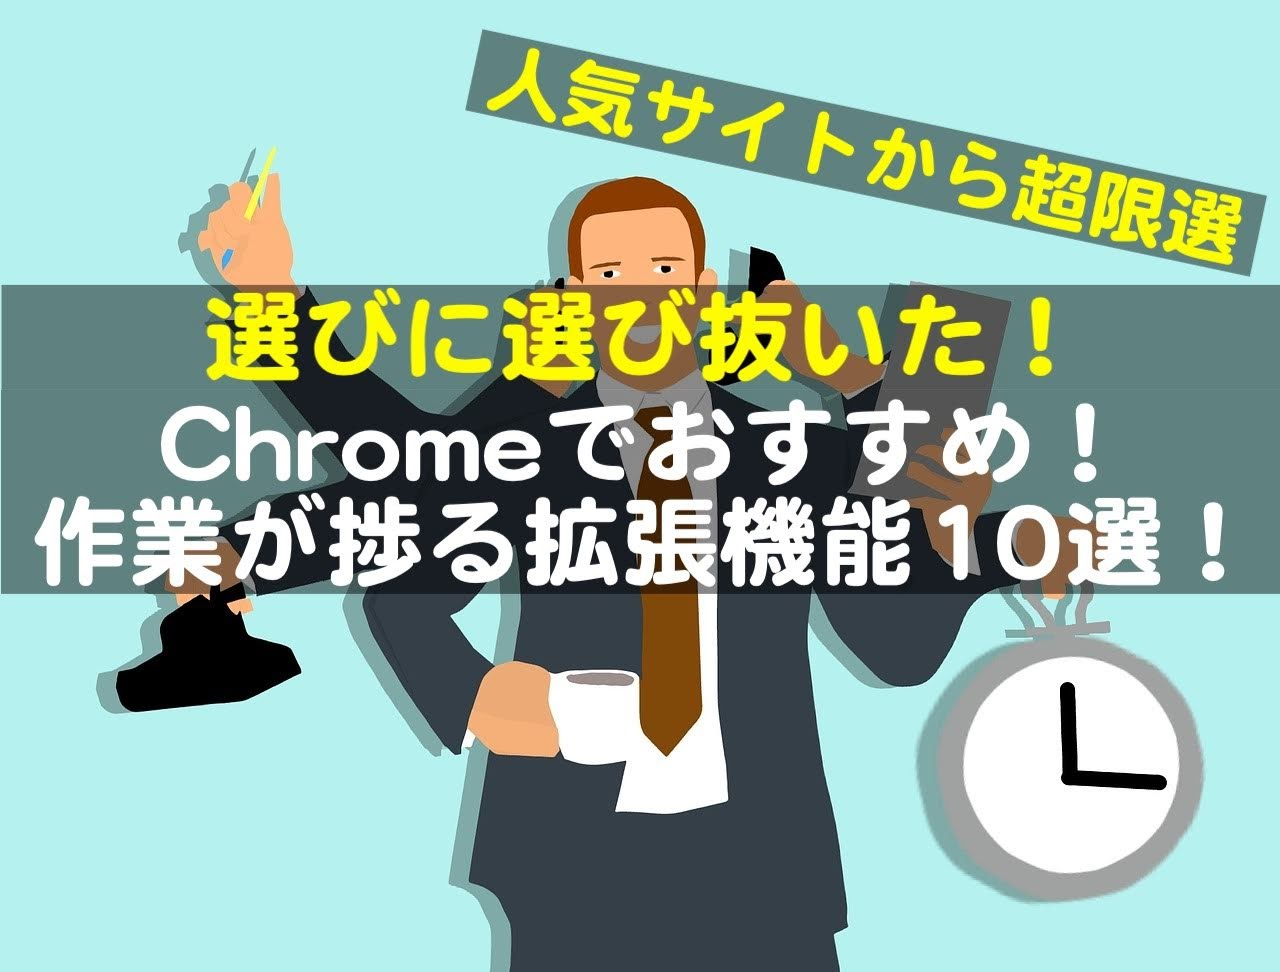 chrome 拡張機能 おすすめ 厳選 作業効率